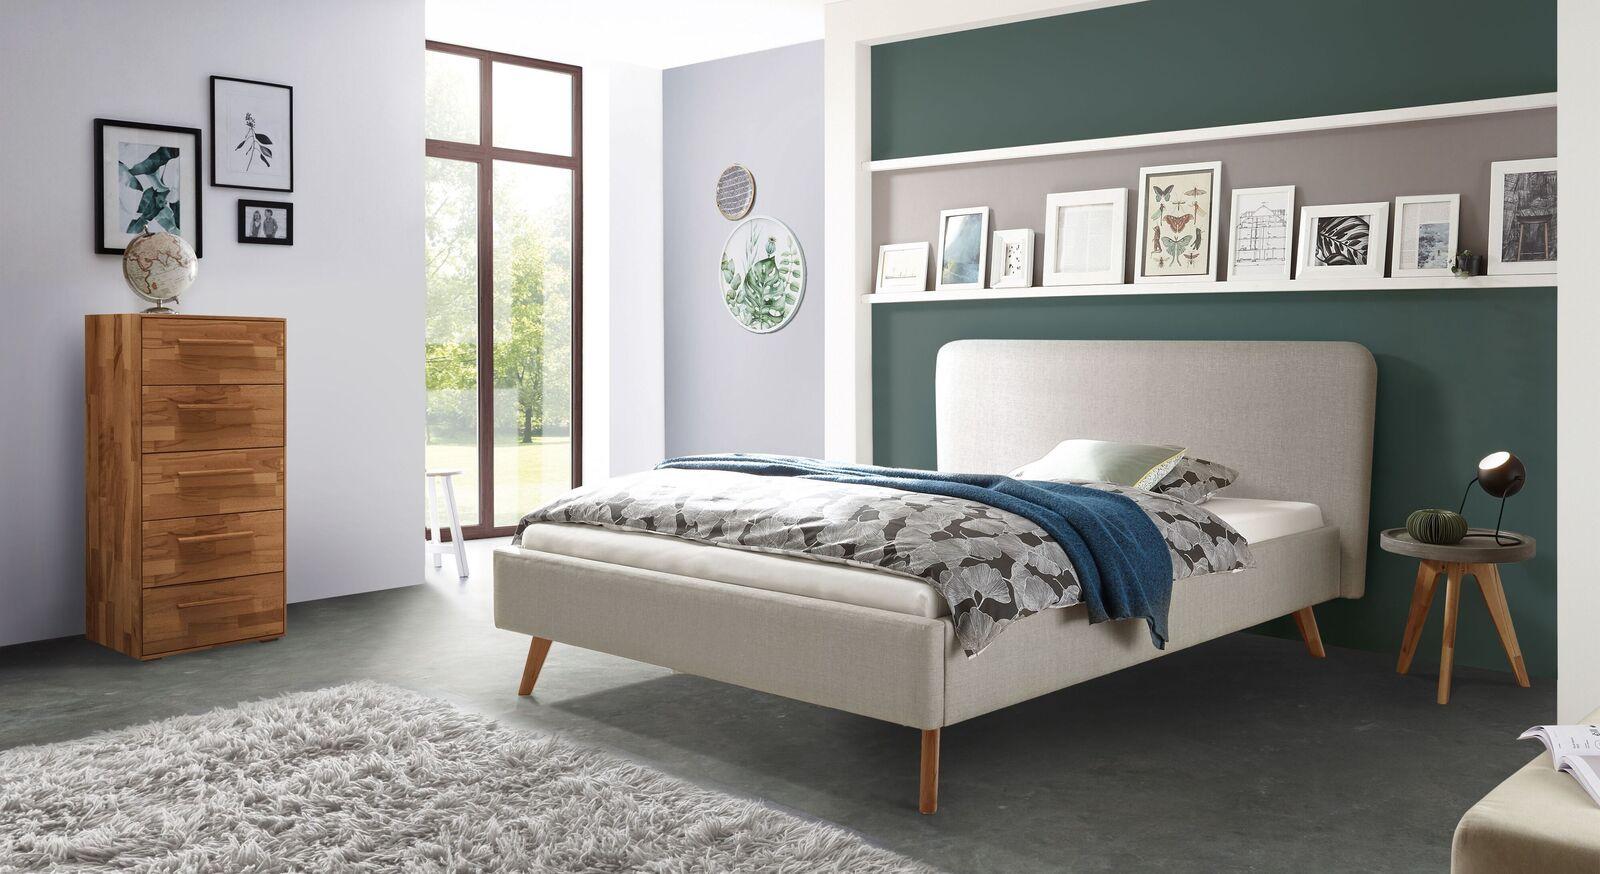 Bett Magura mit passenden Beimöbeln